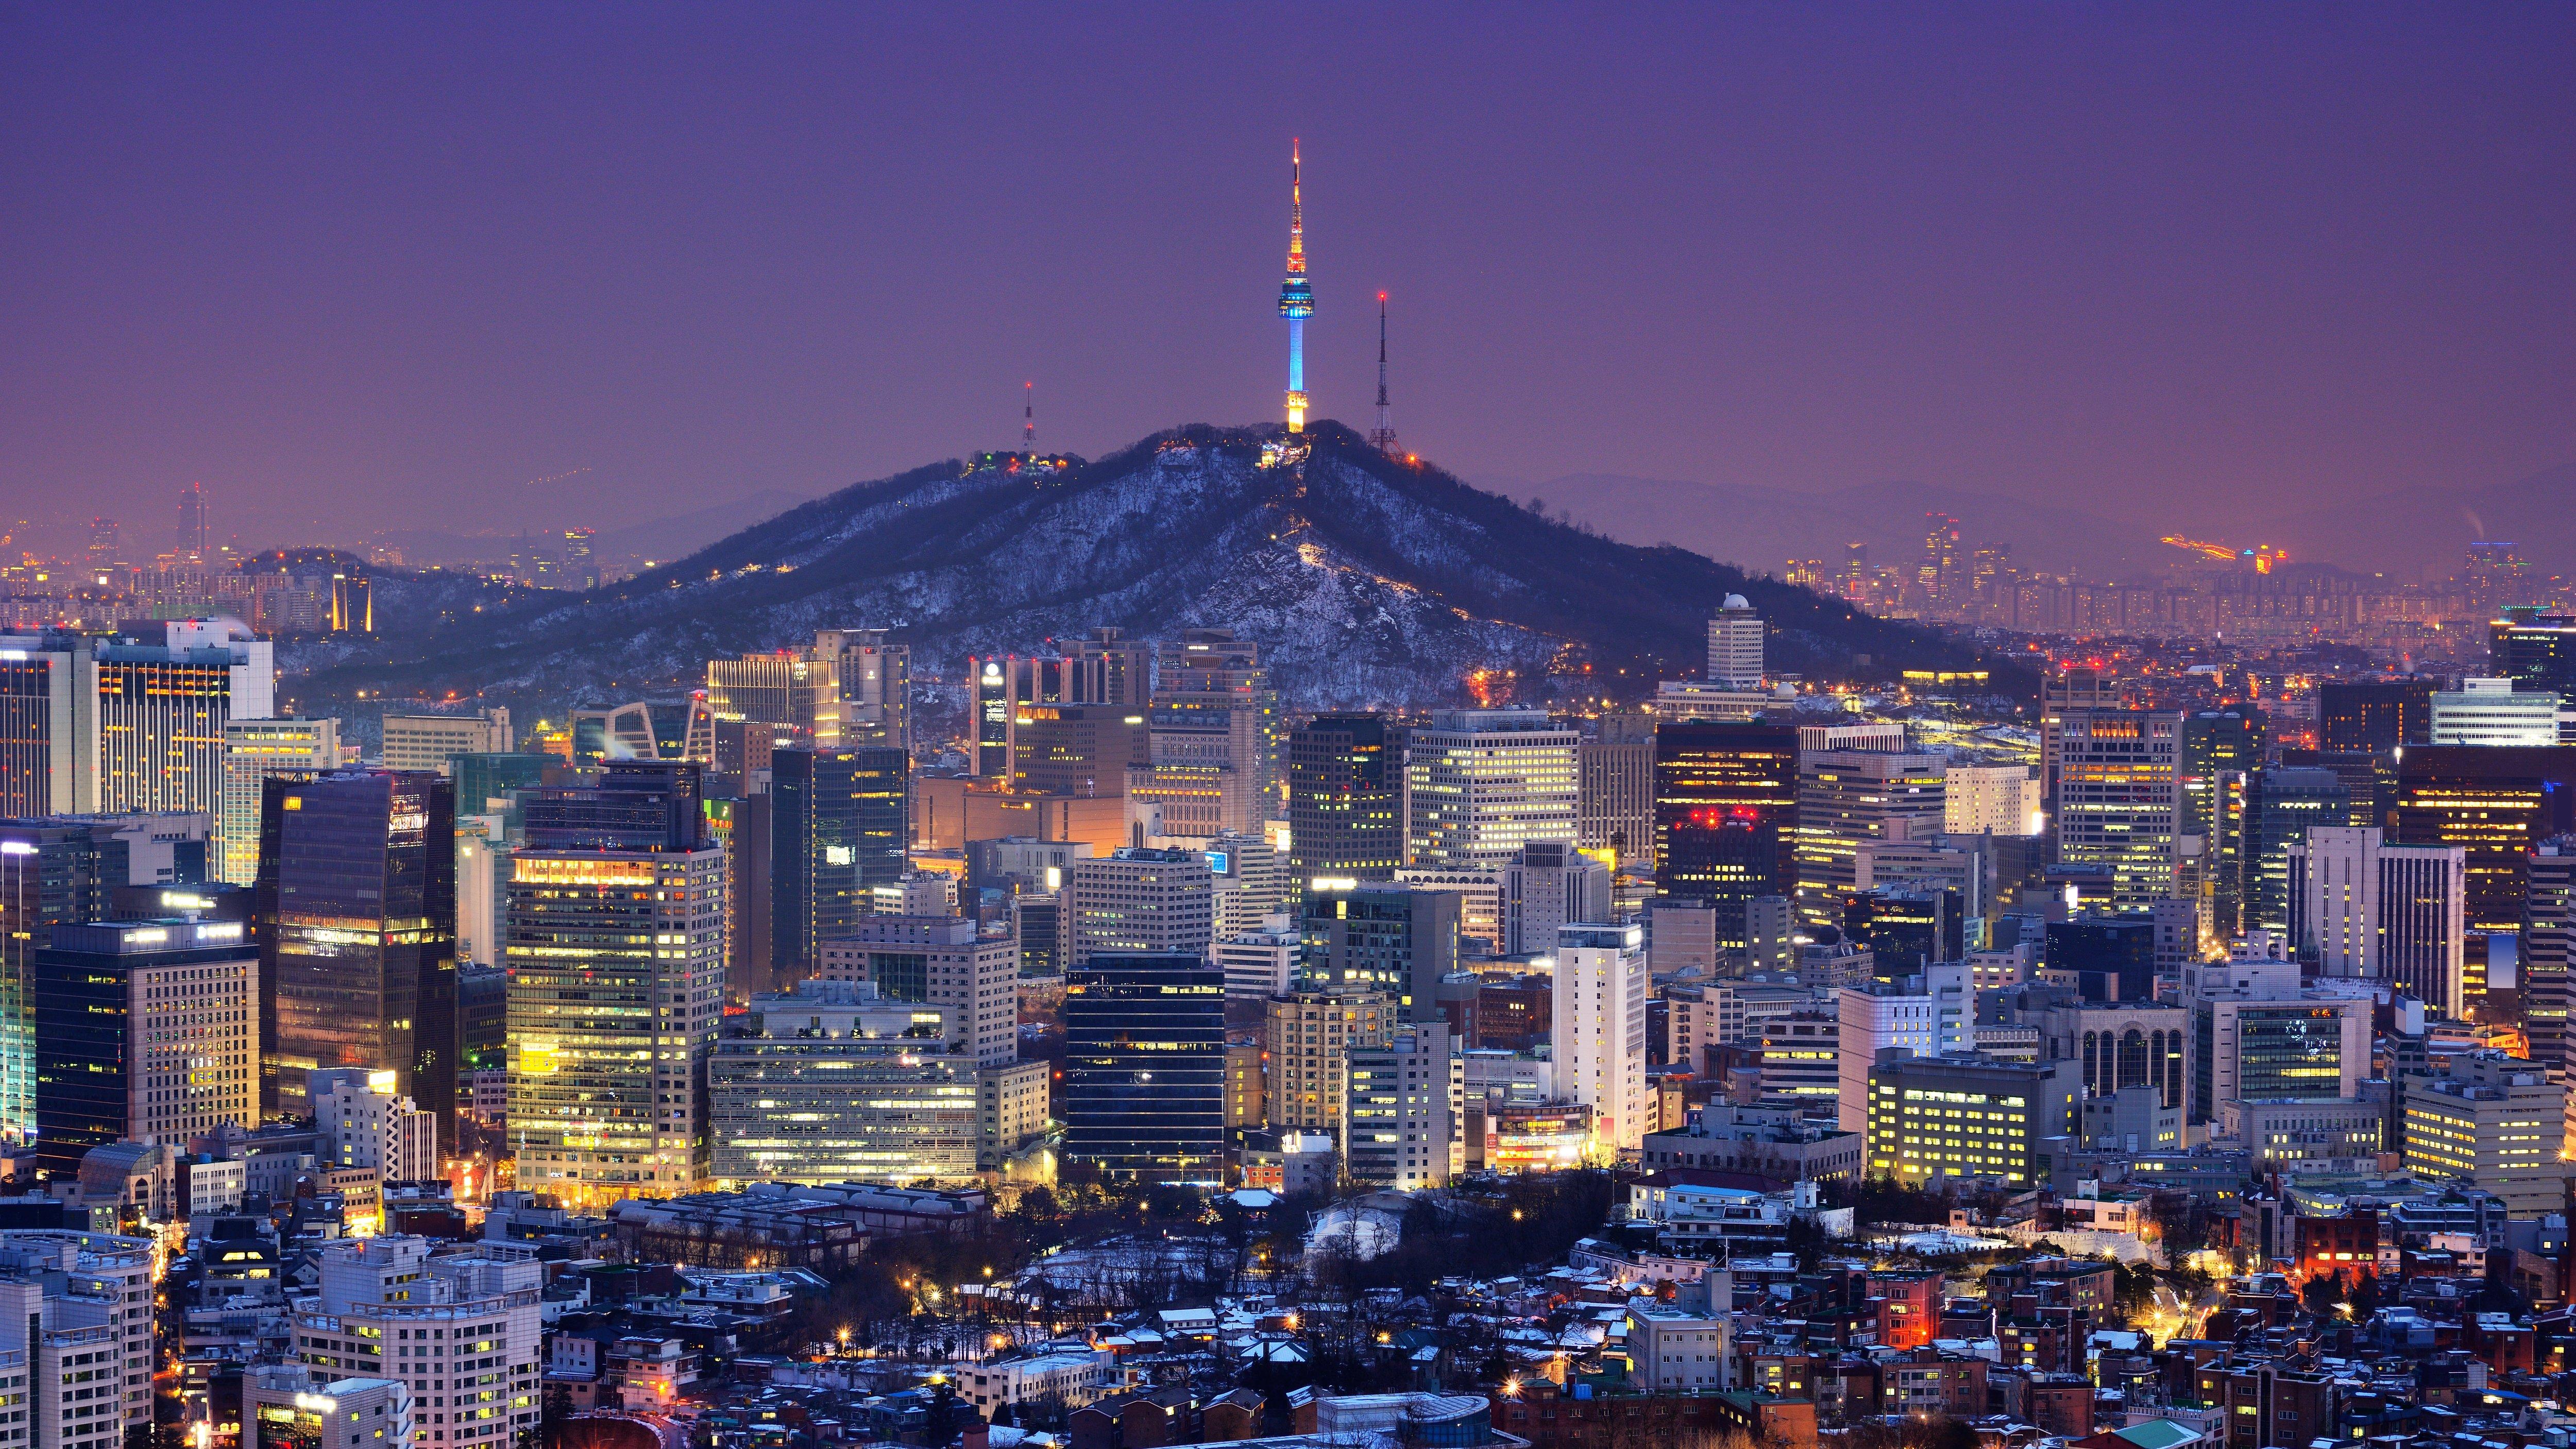 Downtown skyline of Seoul